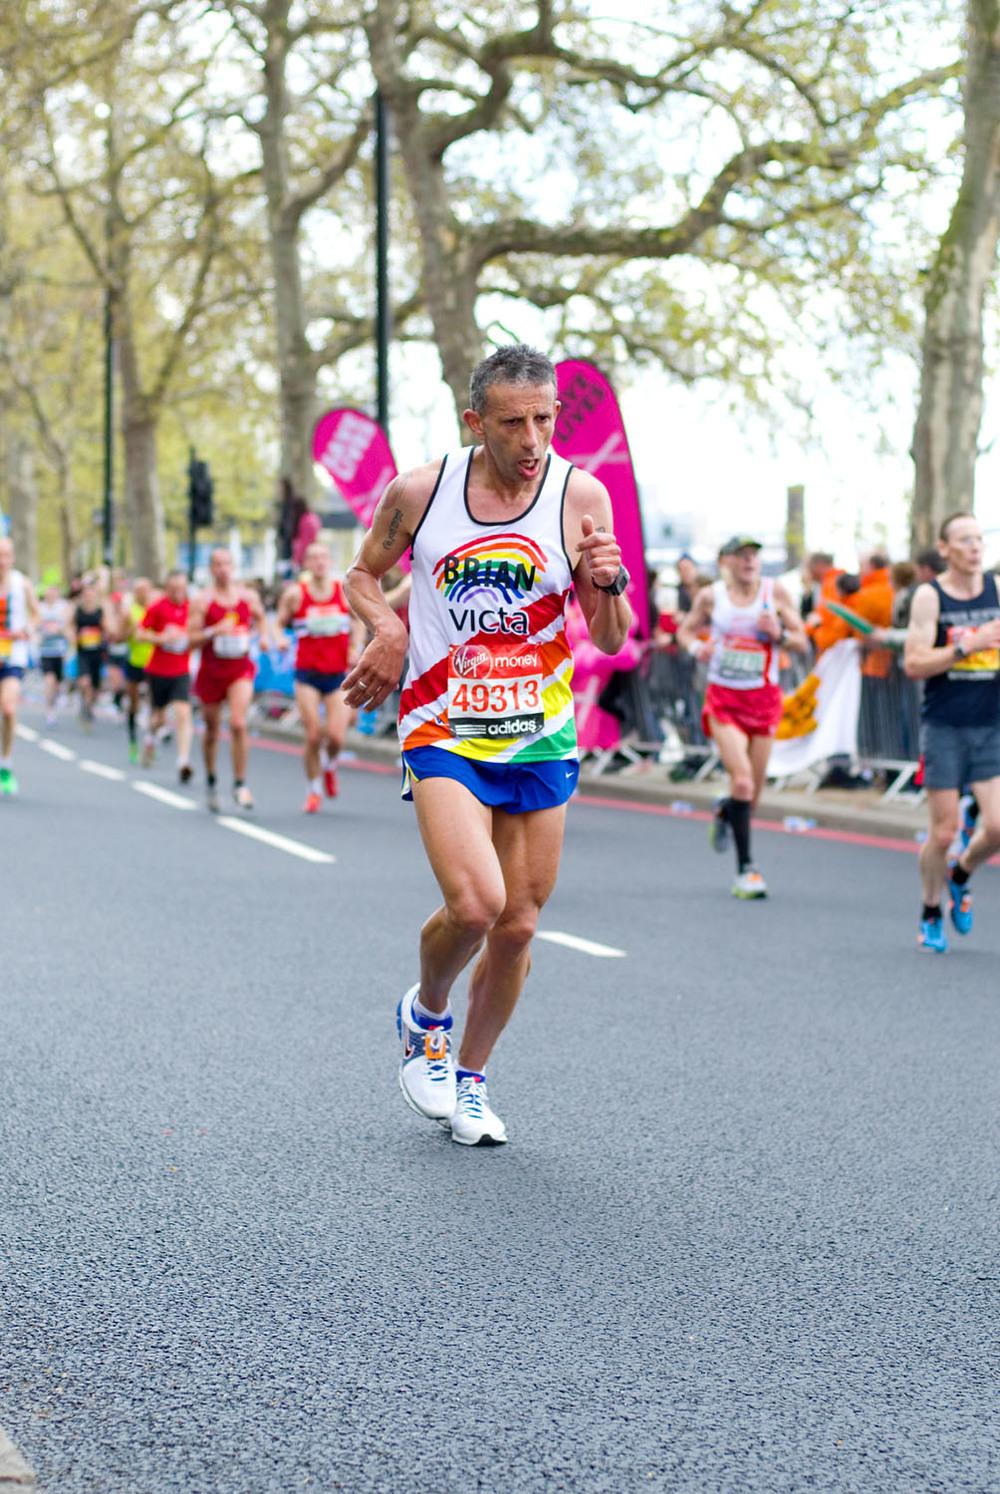 London Marathon 2012 - Mile 24.5